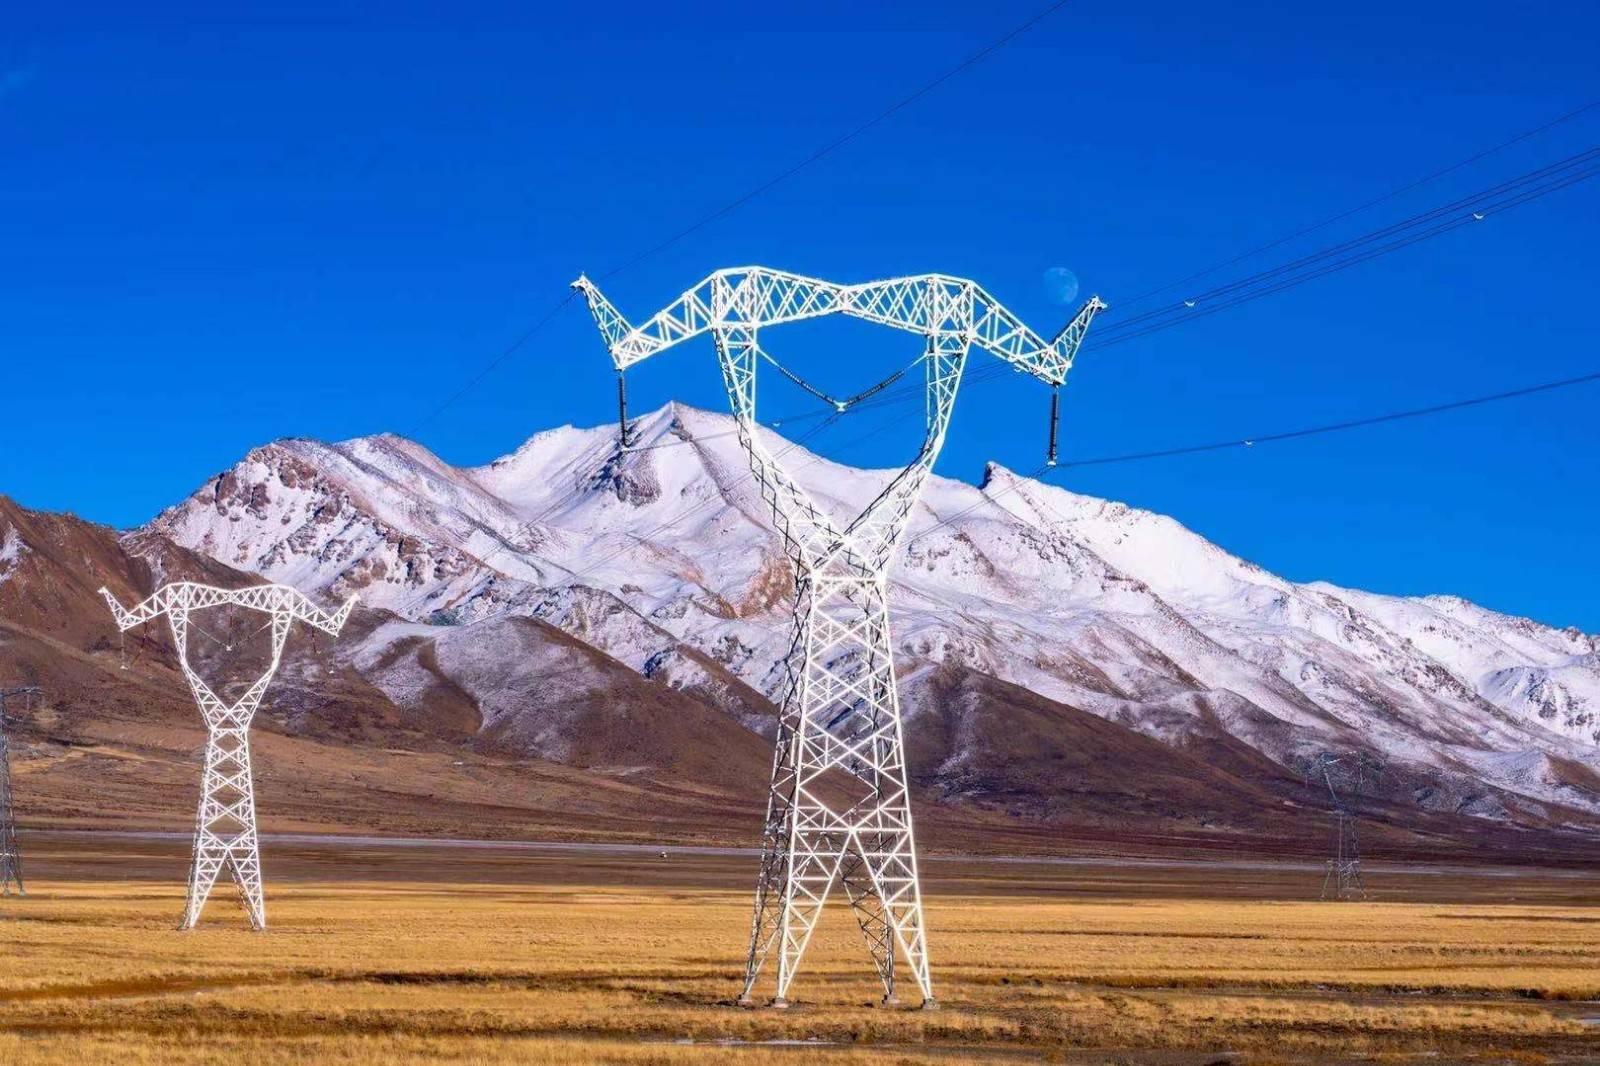 又一超级工程!西藏阿里联网工程投运 !